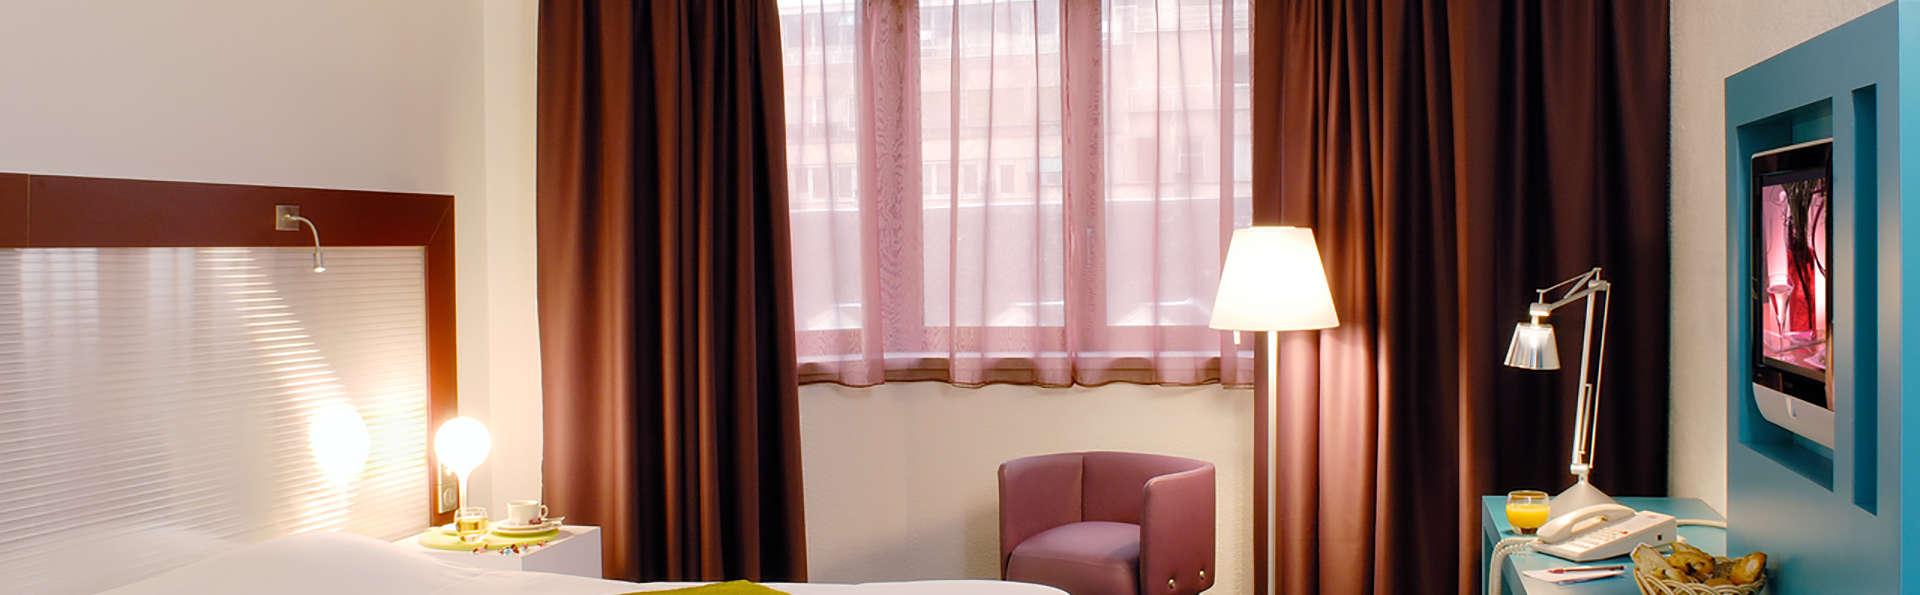 Mercure Strasbourg Centre - Edit_Room9.jpg